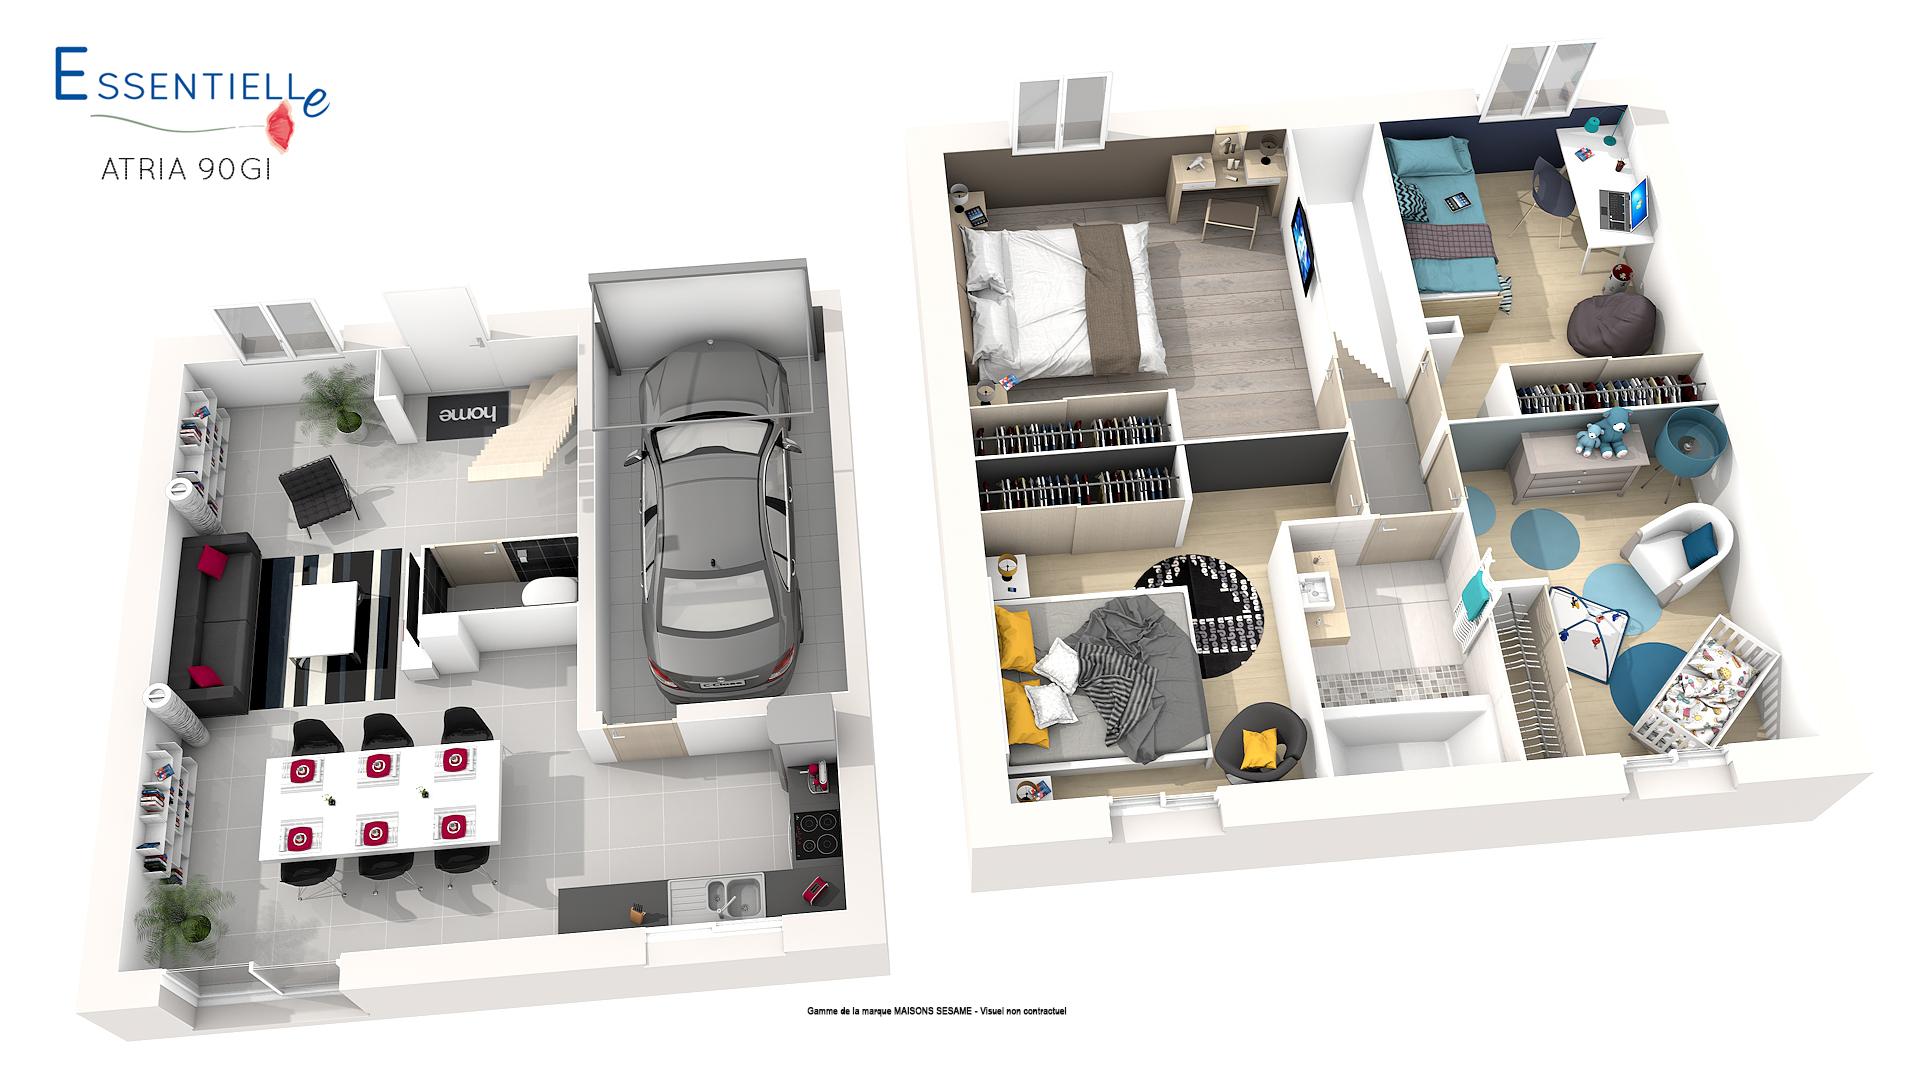 nf habitat hqe pour une maison durable environnementale. Black Bedroom Furniture Sets. Home Design Ideas